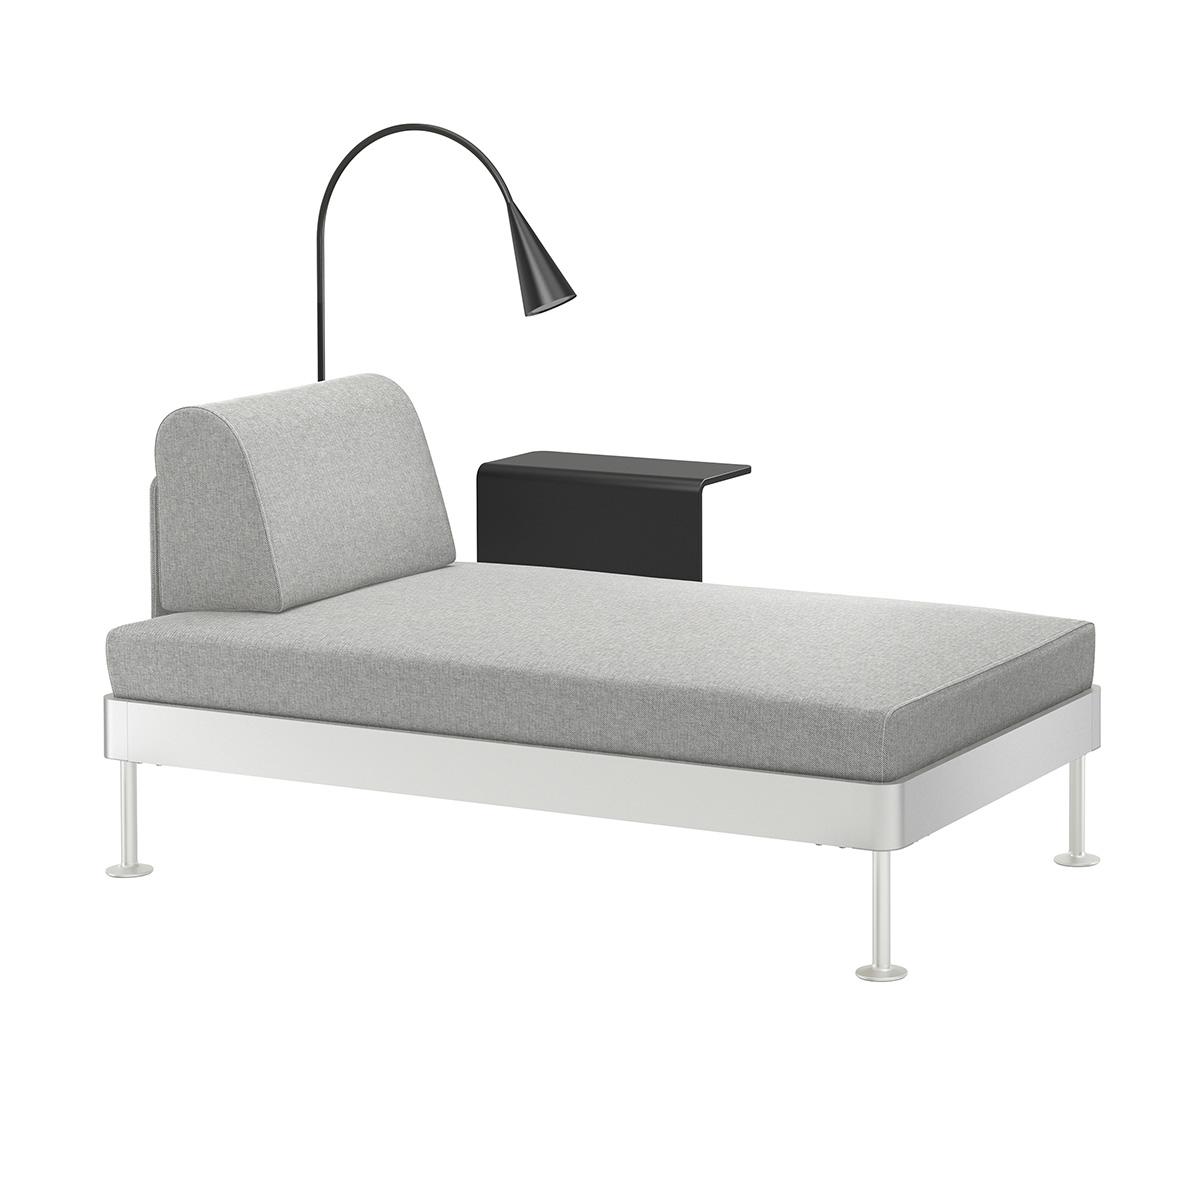 ambientes 10 ikea x tom dixon. Black Bedroom Furniture Sets. Home Design Ideas